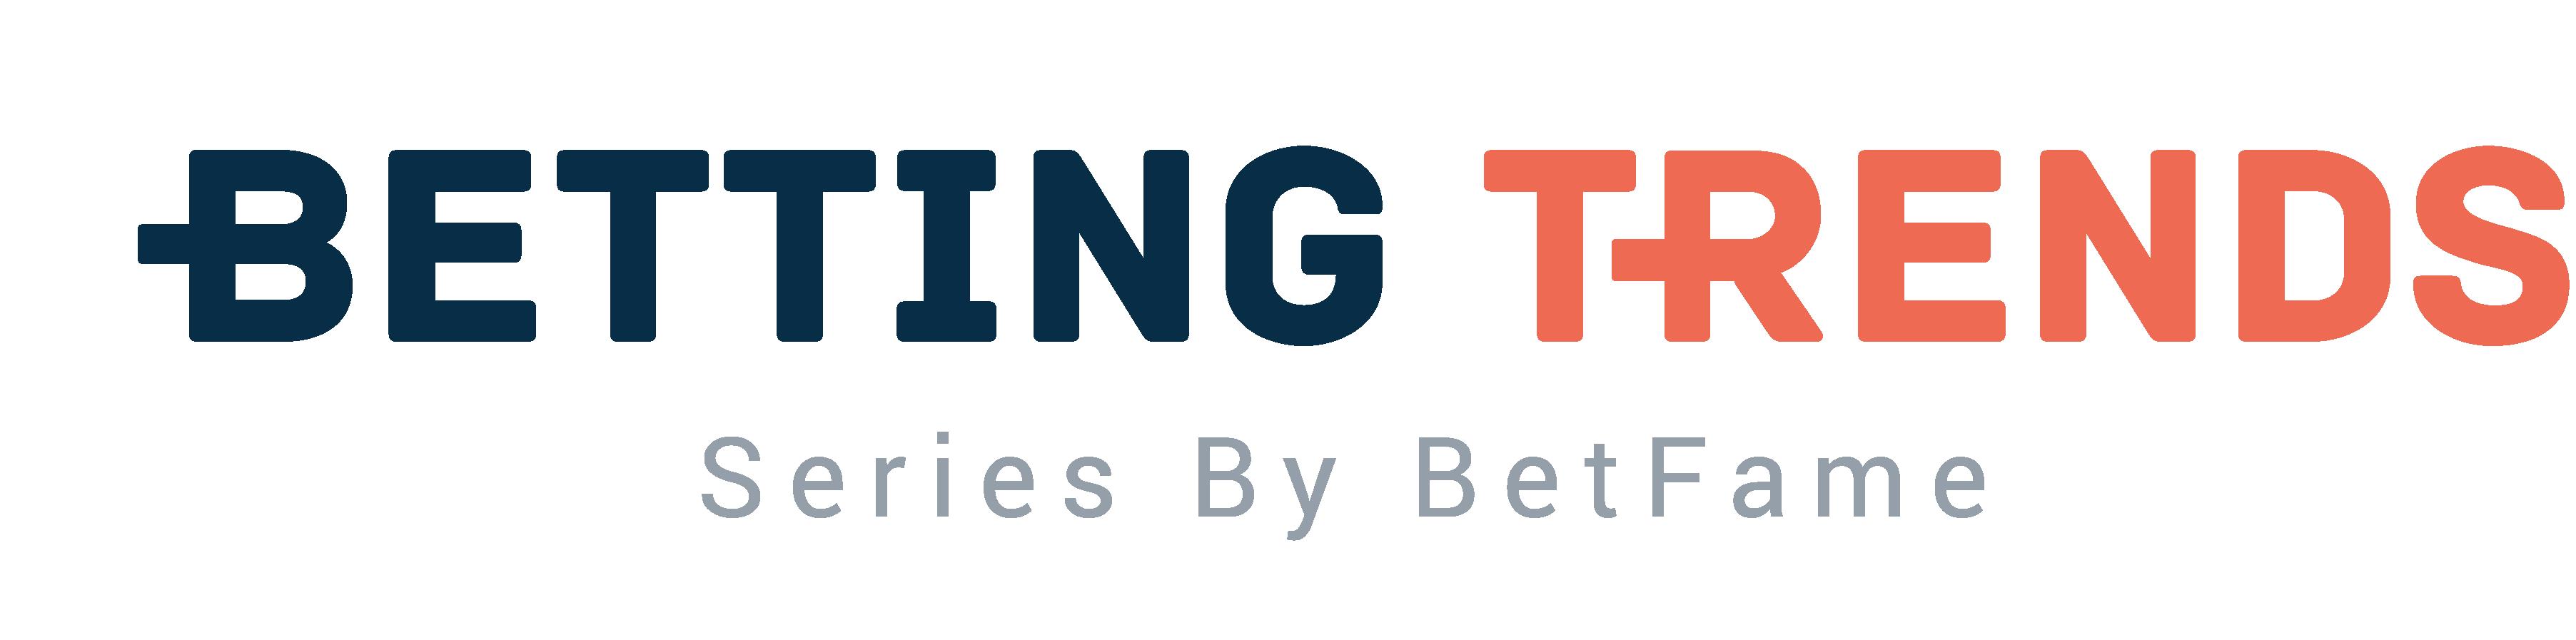 fiorentina vs napoli betting trends